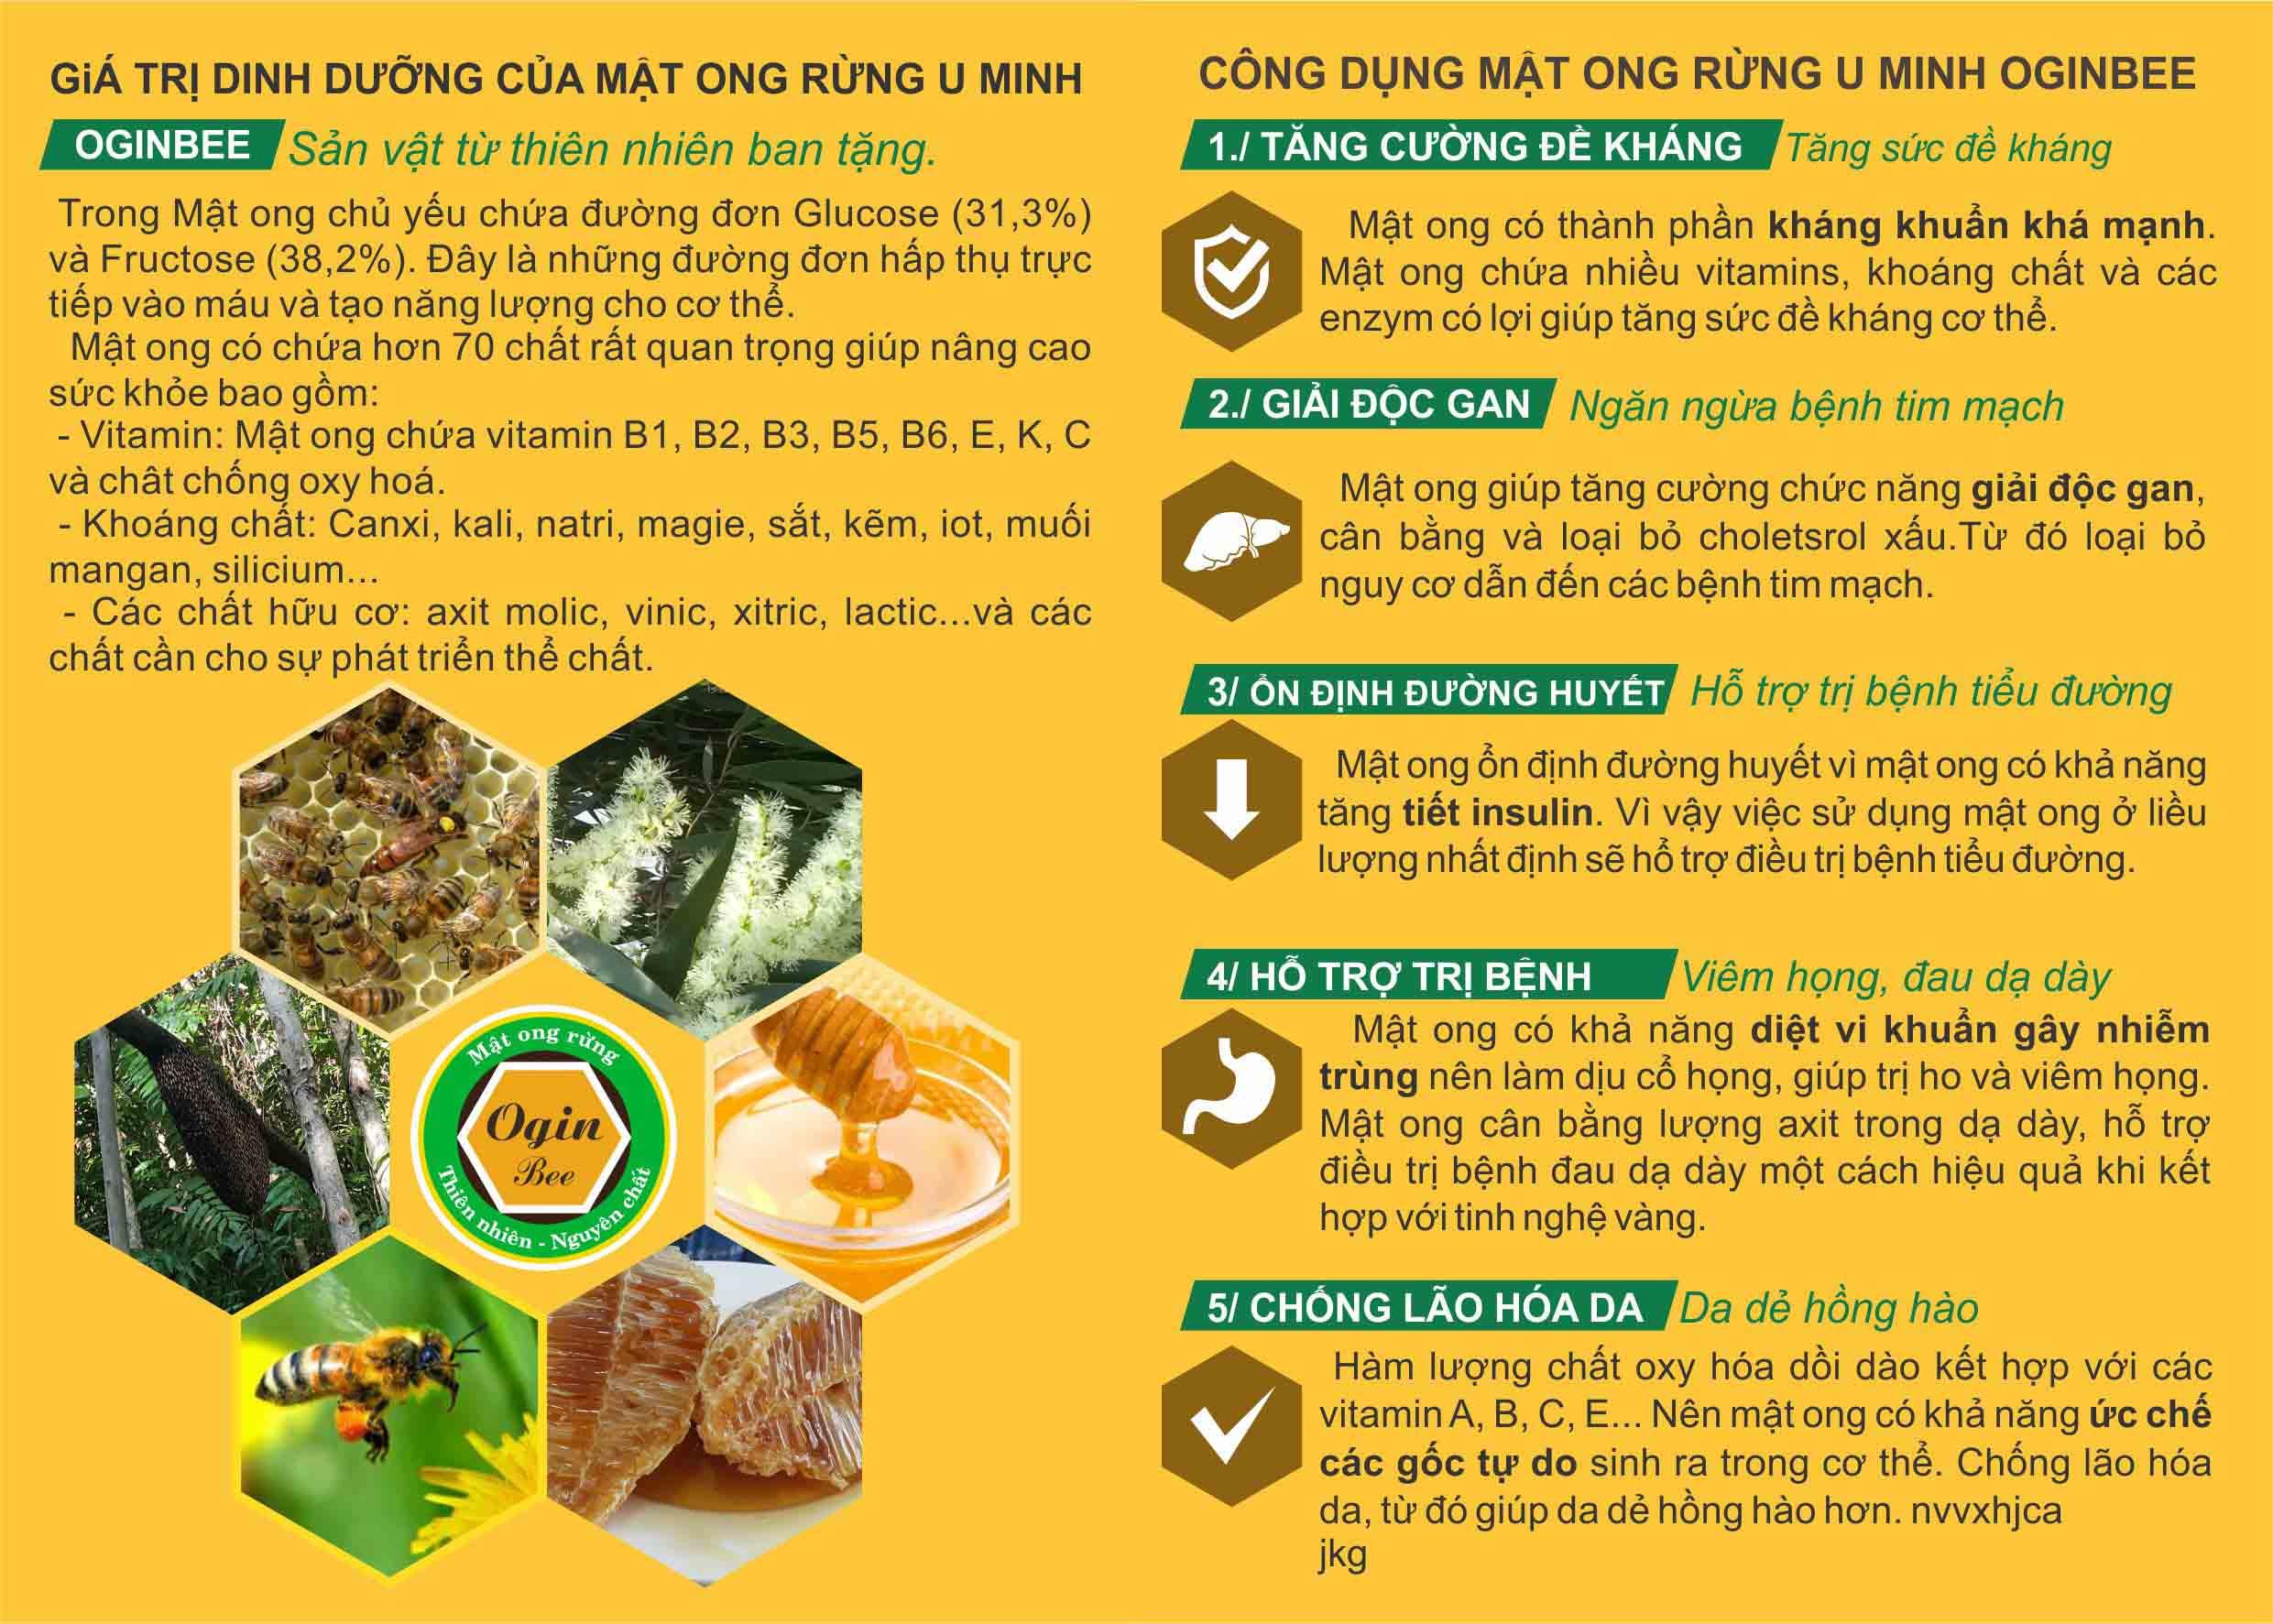 Công dụng và thành phần dinh dưỡng mật ong rừng U Minh